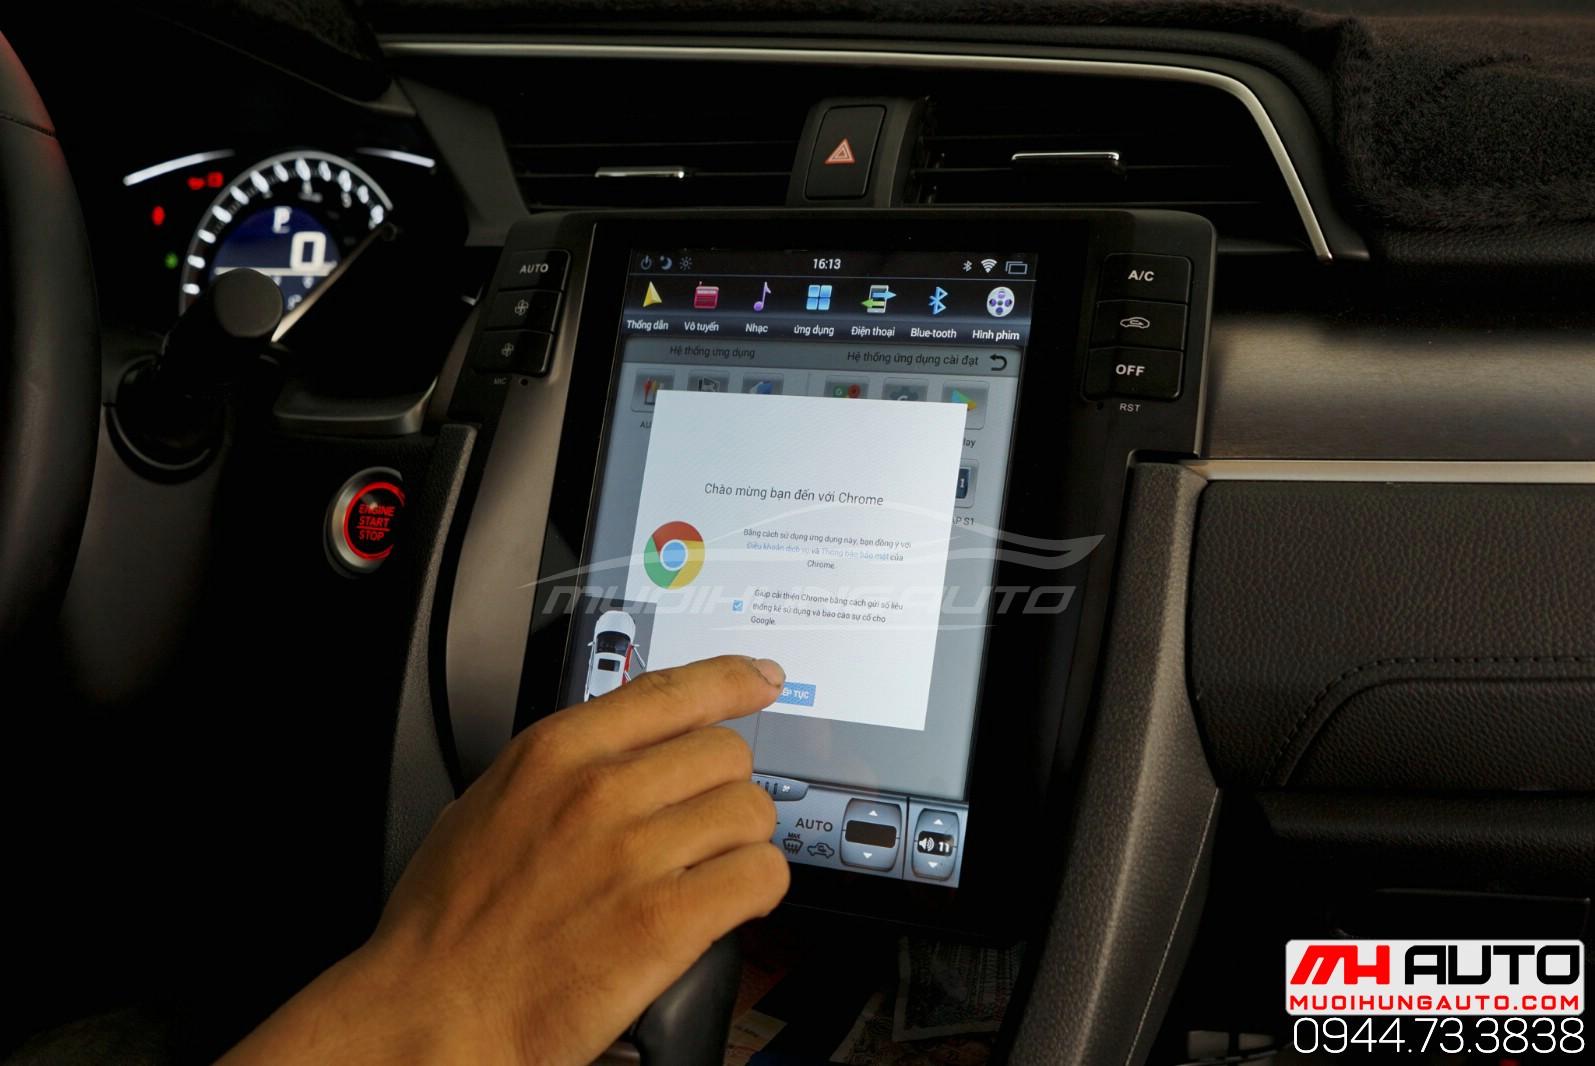 Lắp đặt màn hình Honda Civic Androi kiểu tesla 2018